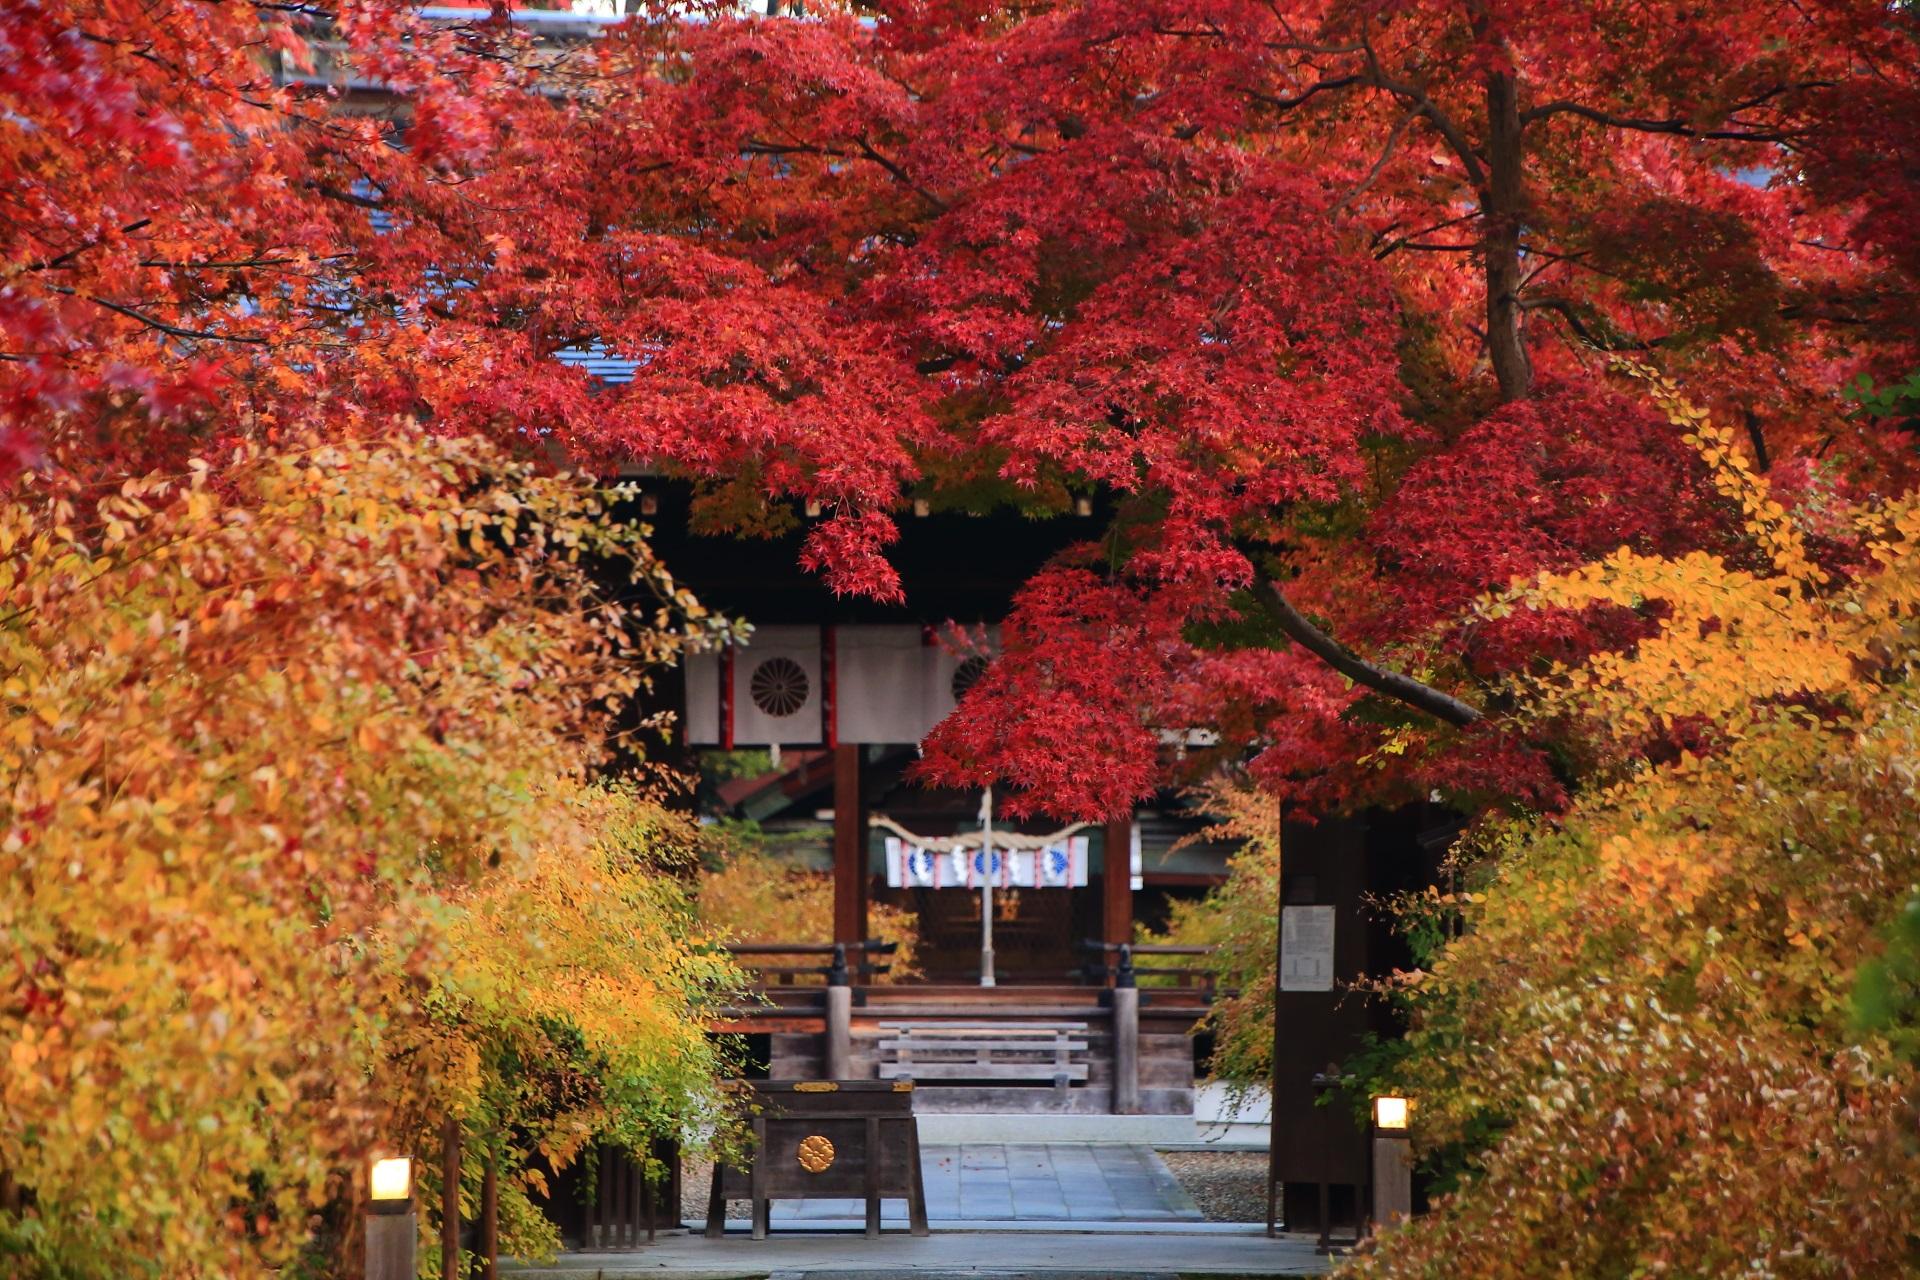 梨木神社の真っ赤な紅葉に染まる神門と奥に見える拝殿と本殿